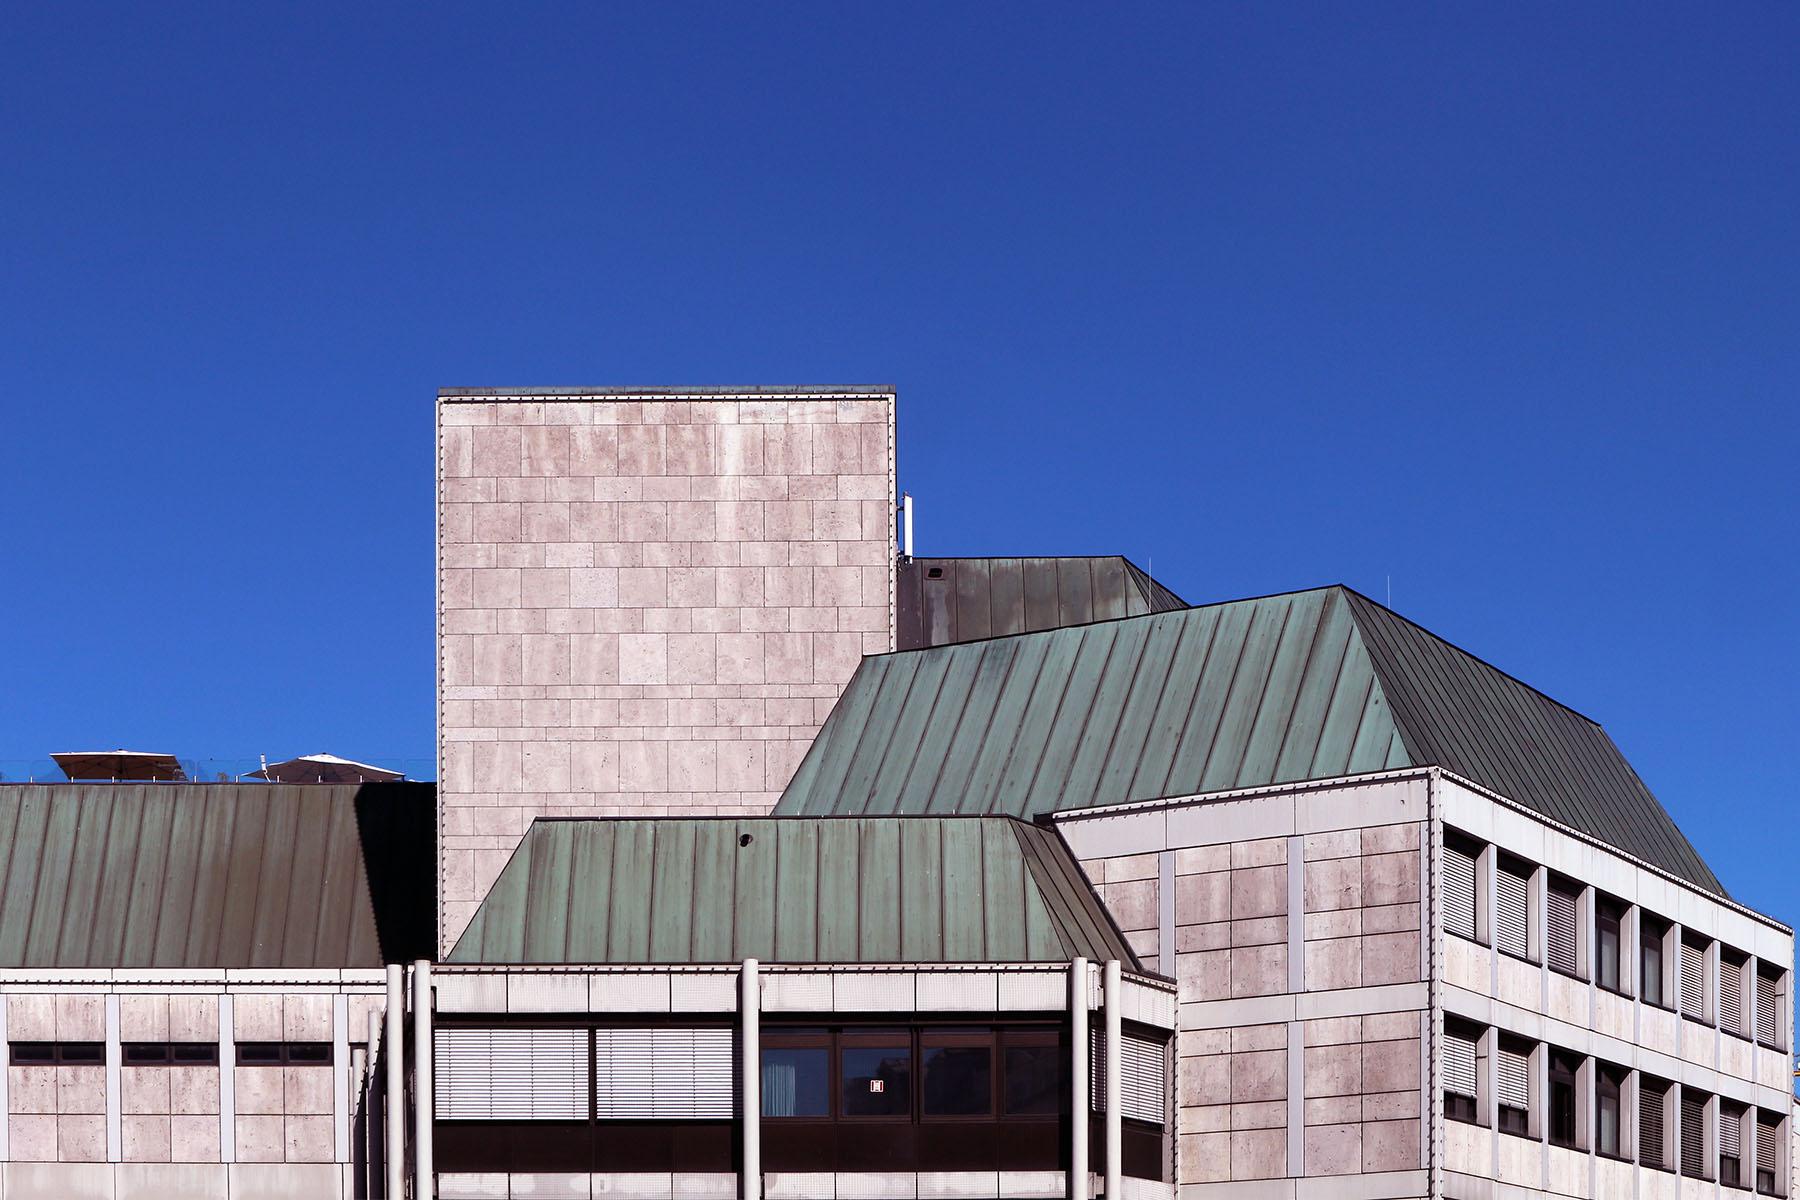 """Kaufhausburg.  Galeria Kaufhof (früher Horten) aus den 1970er-Jahren ist populär (weil zentral gelegen und mit breitem Sortiment) und unbeliebt zugleich (weil """"hässlich"""" und """"Bausünde""""). Kann man so sehen oder so: als Spiegel der Siebziger mit den damaligen Ansprüchen und Wünschen."""